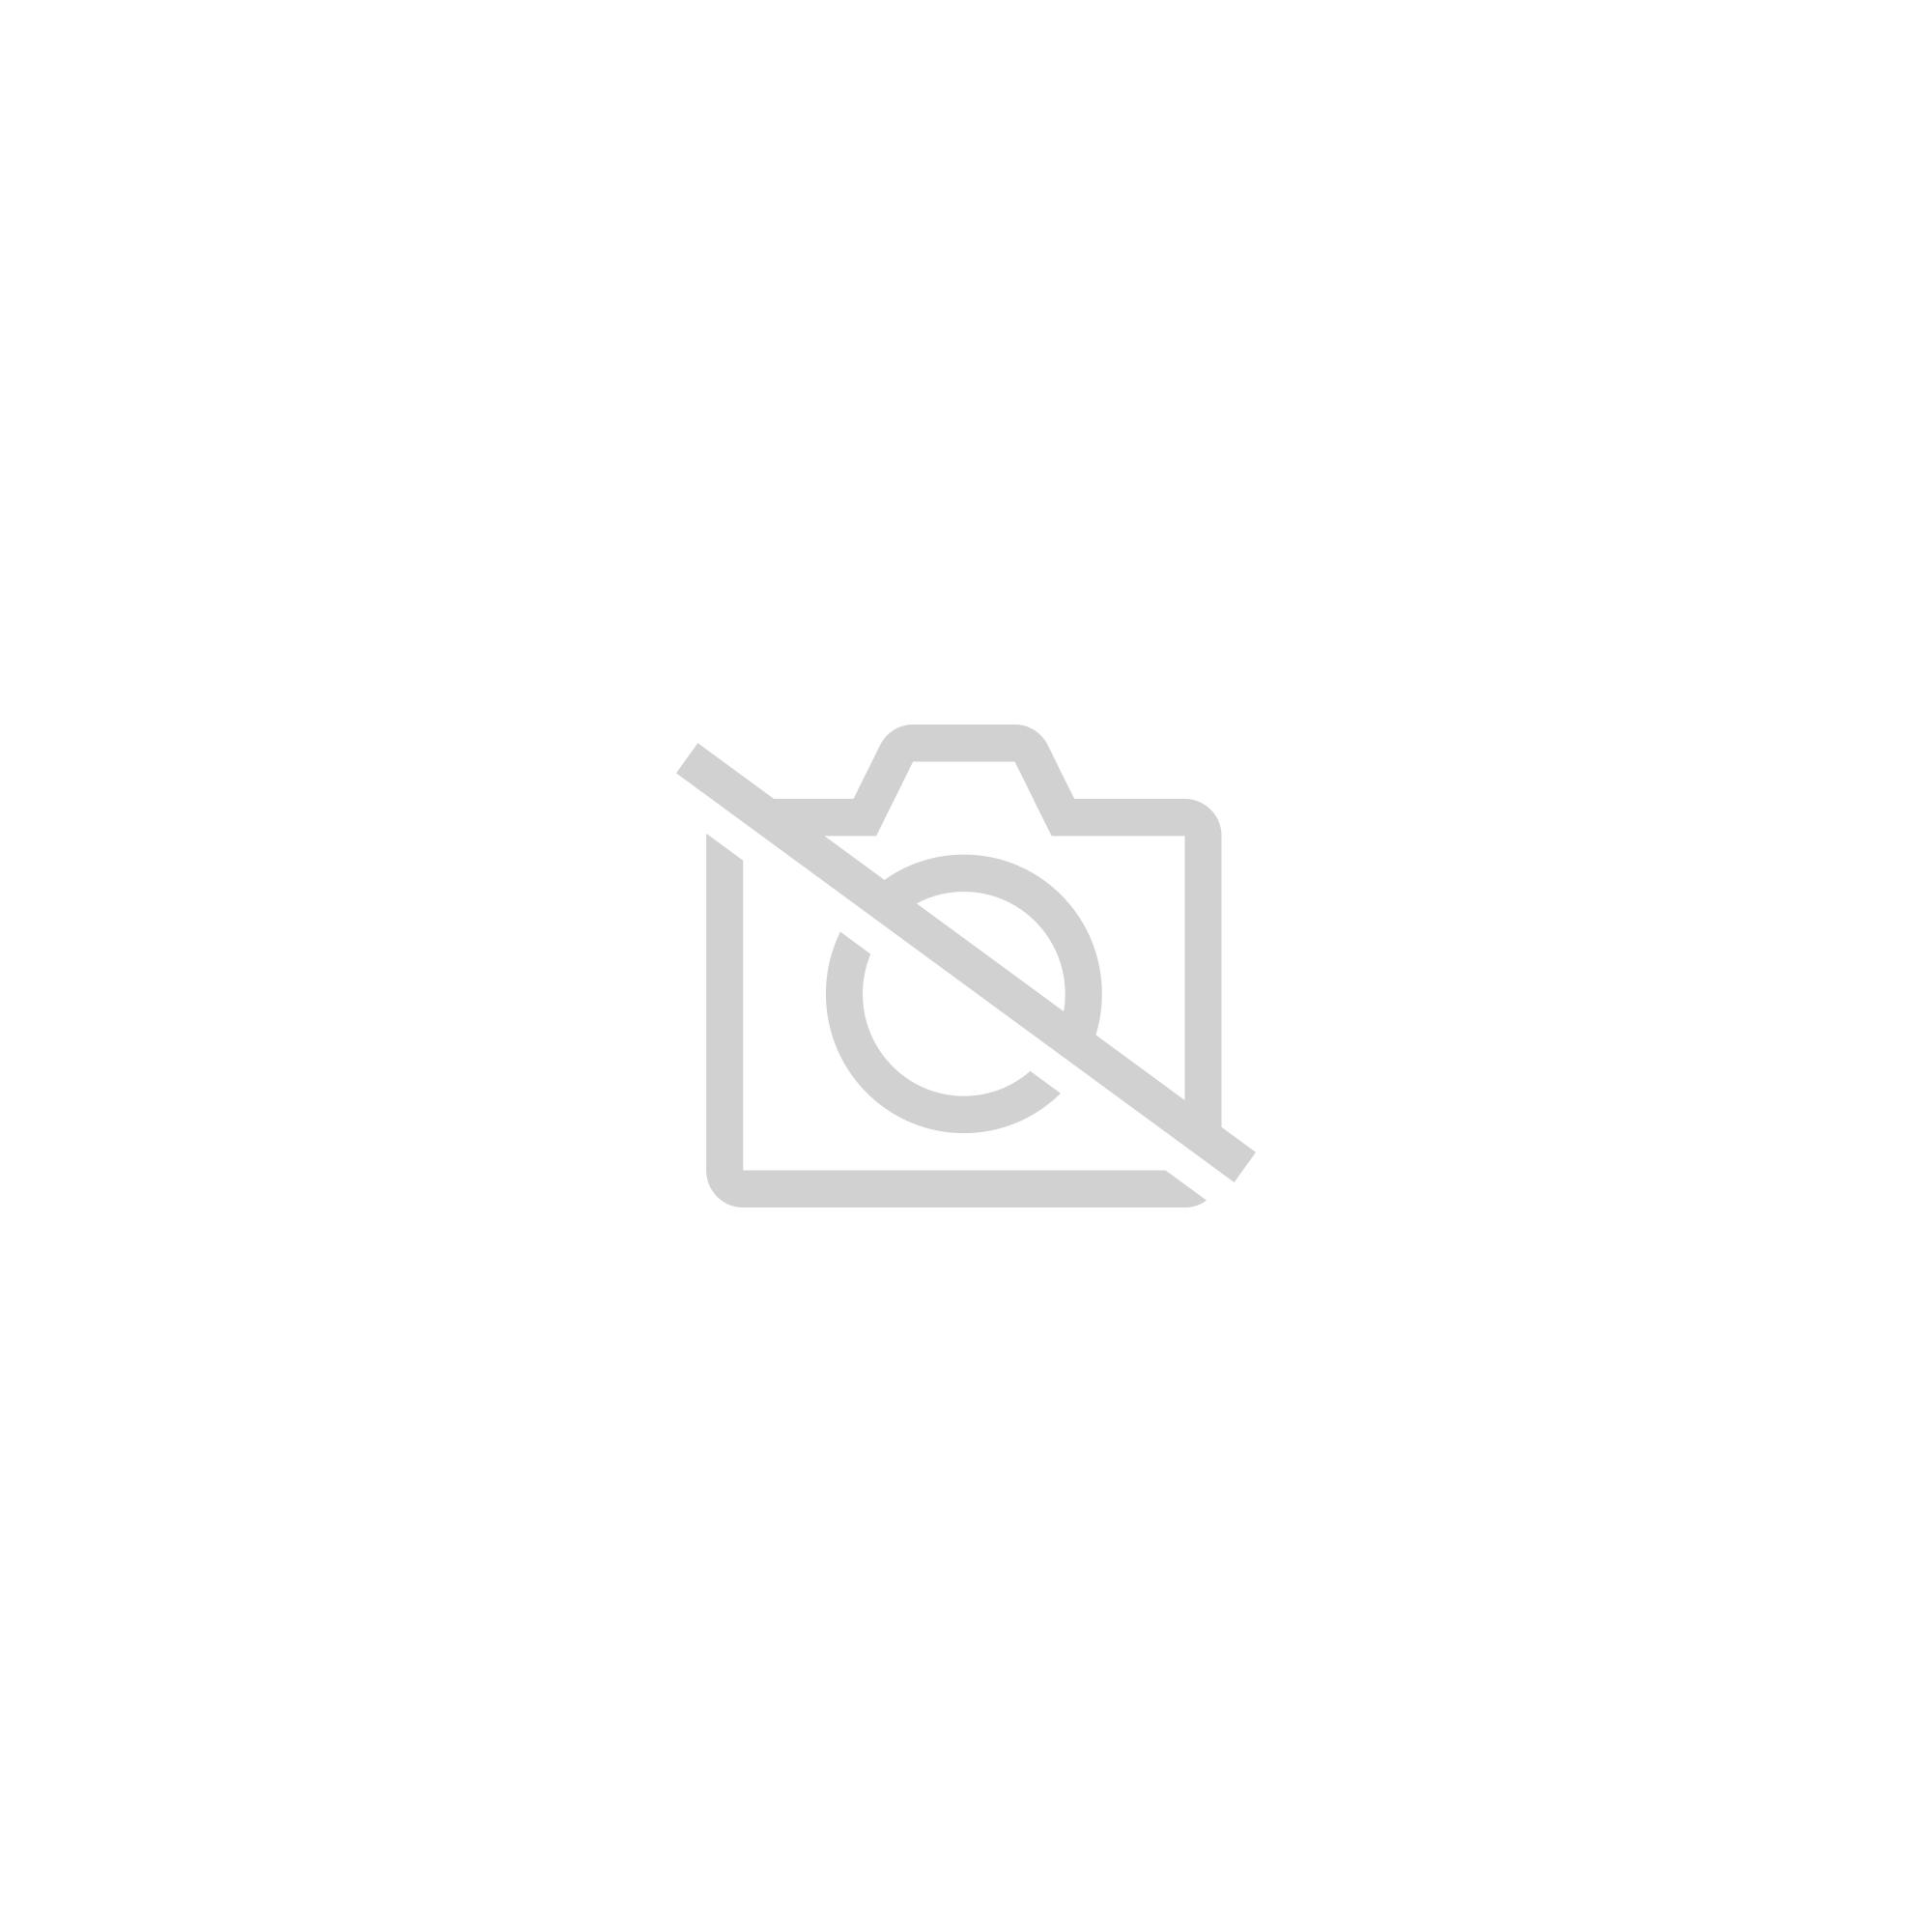 robot tondeuse garage abri toit protection contre le soleil tondeuse automower. Black Bedroom Furniture Sets. Home Design Ideas